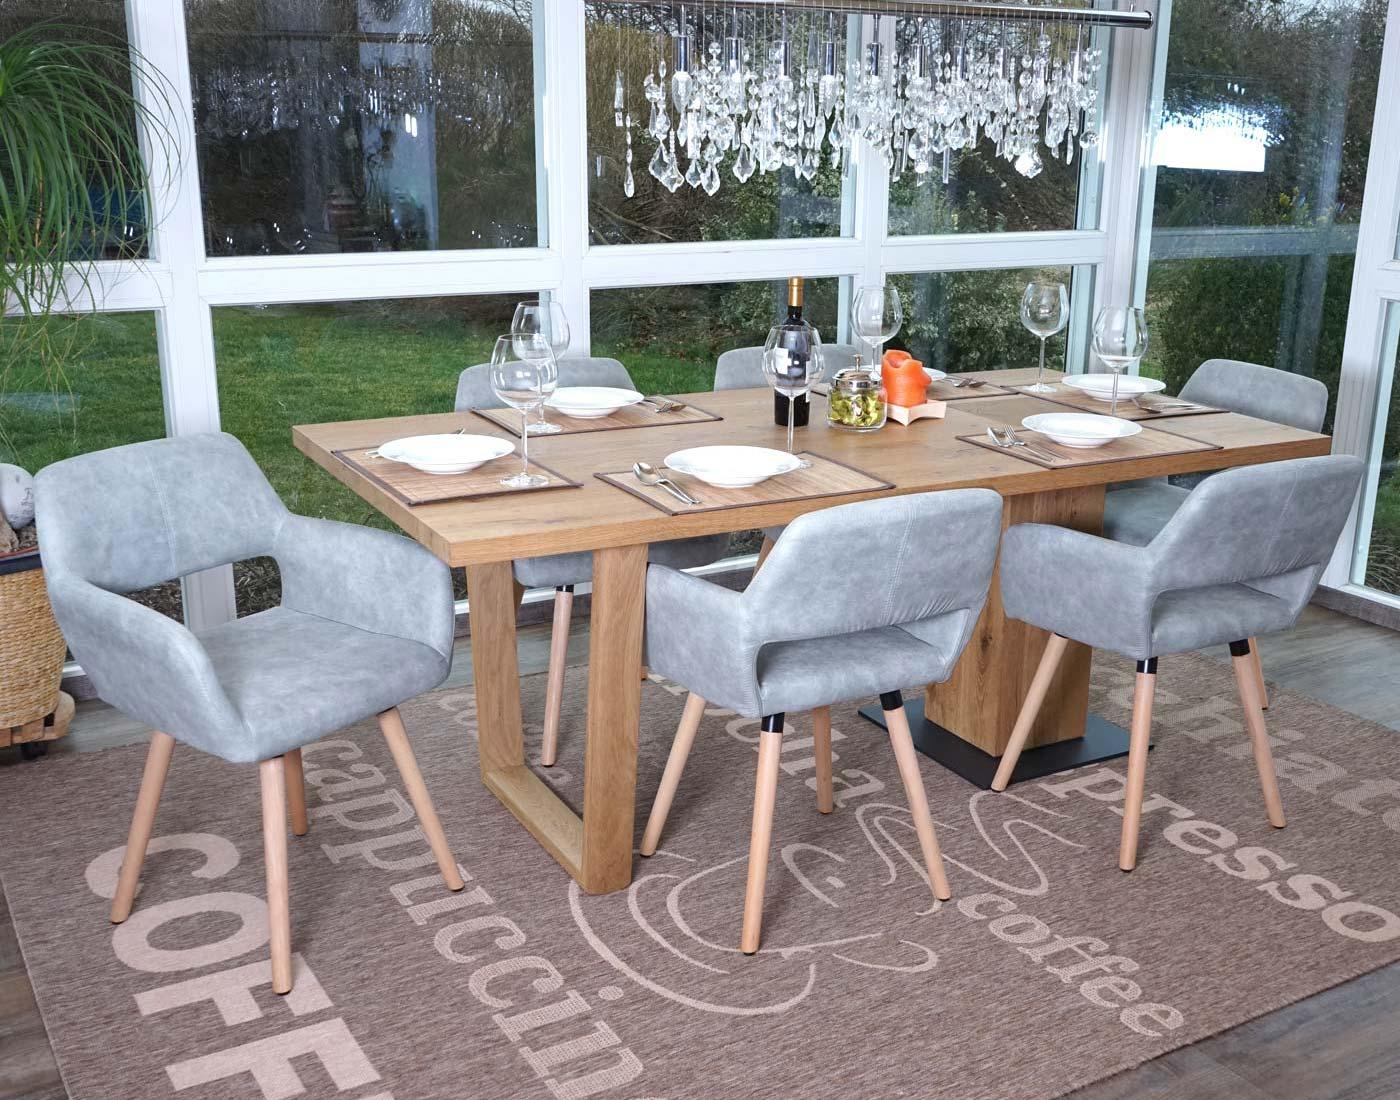 Set 6x sedie sala da pranzo hwc a50 ii design retro legno - Sedie pranzo design ...